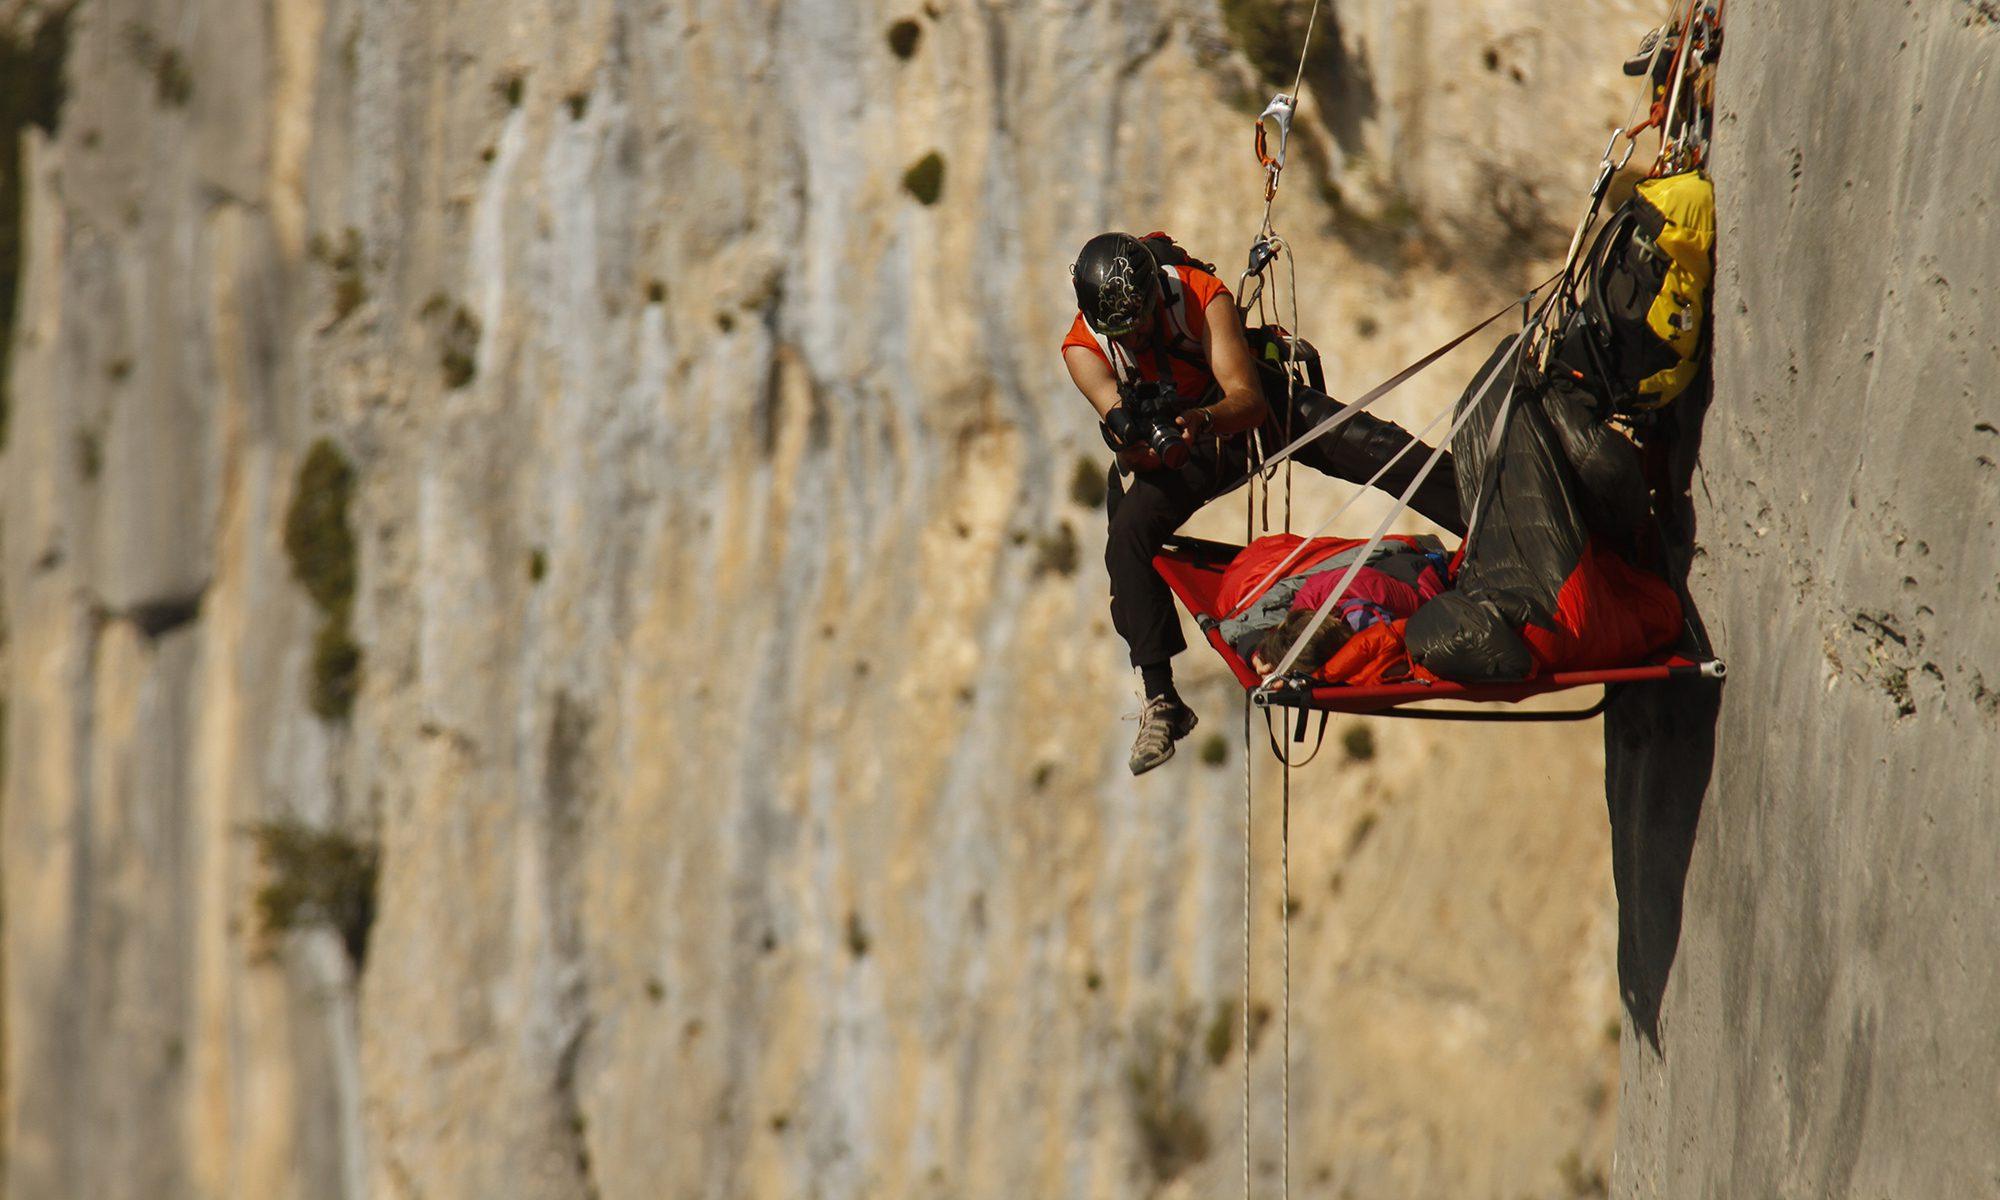 Fred Ripert cadreur sur corde dans les gorges du Verdon